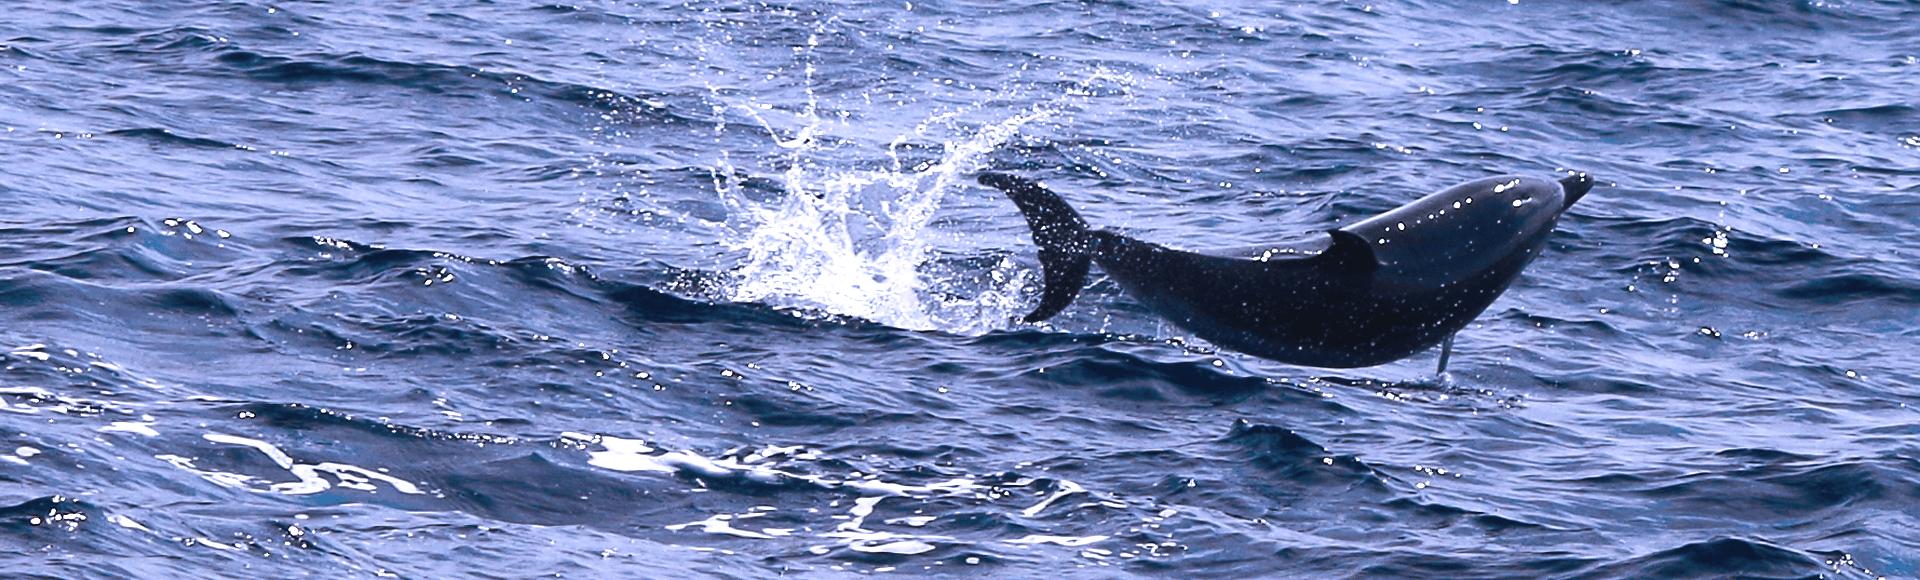 sortie-dauphin